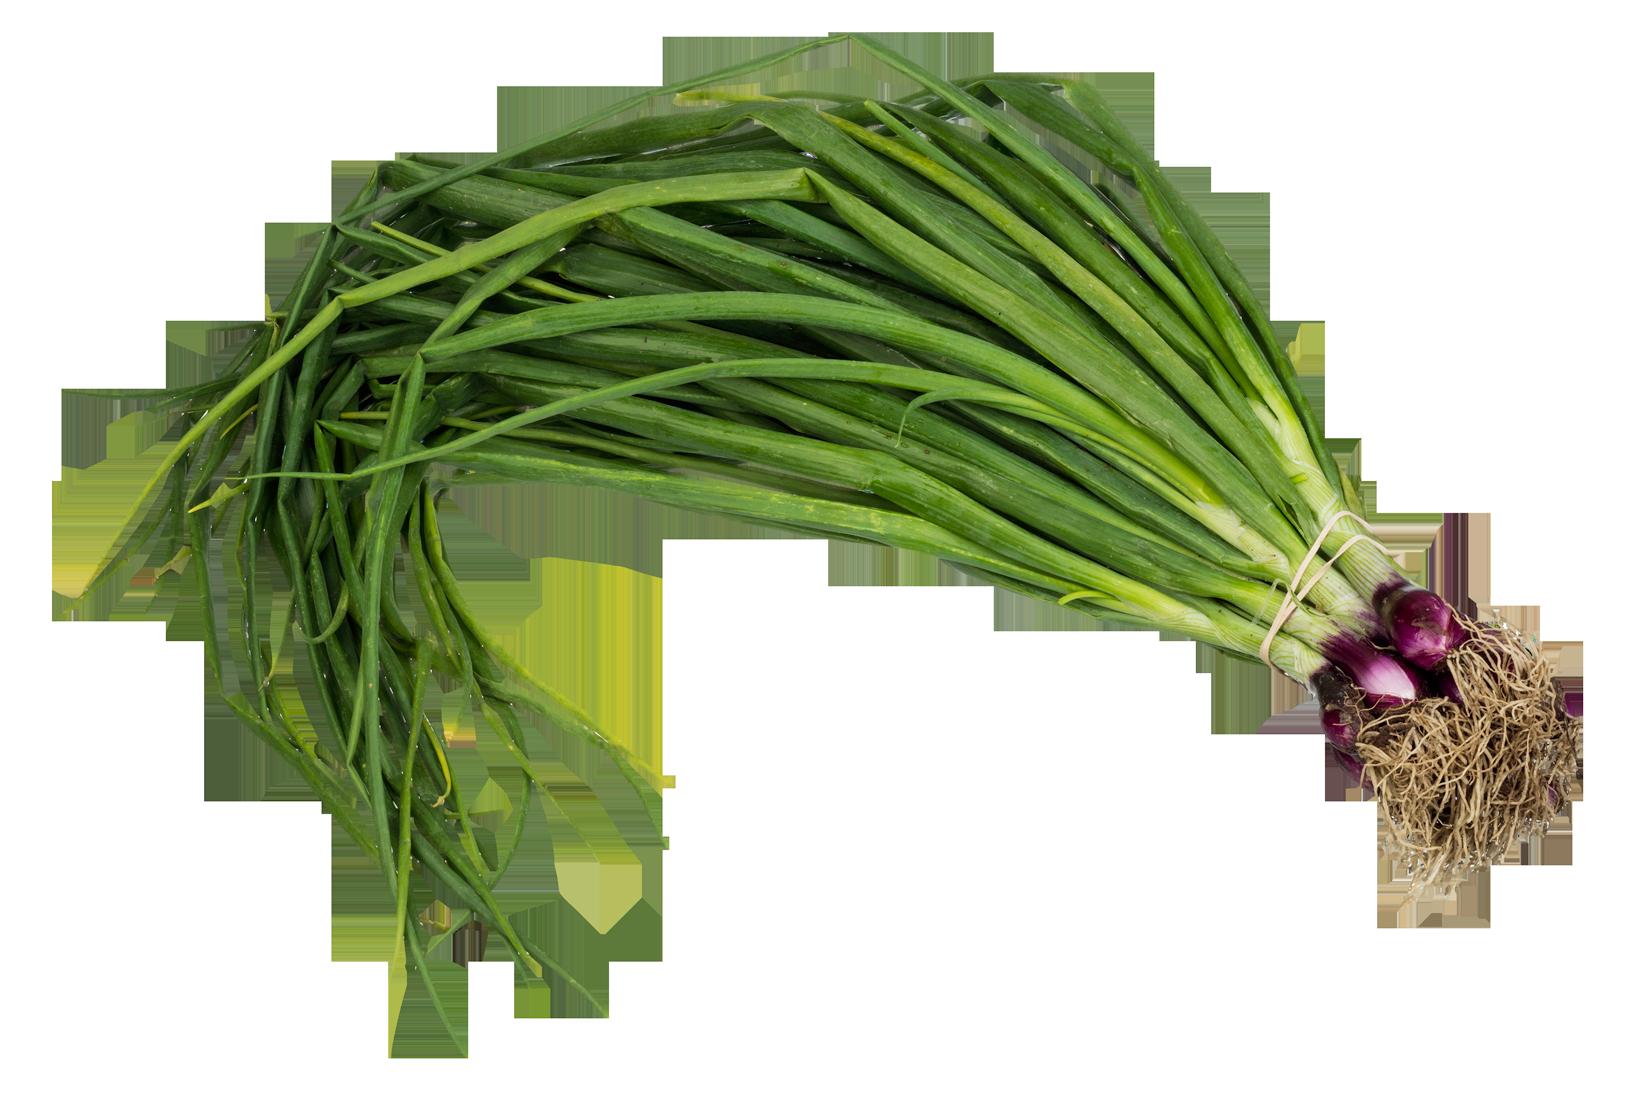 Scallion Spring Onion